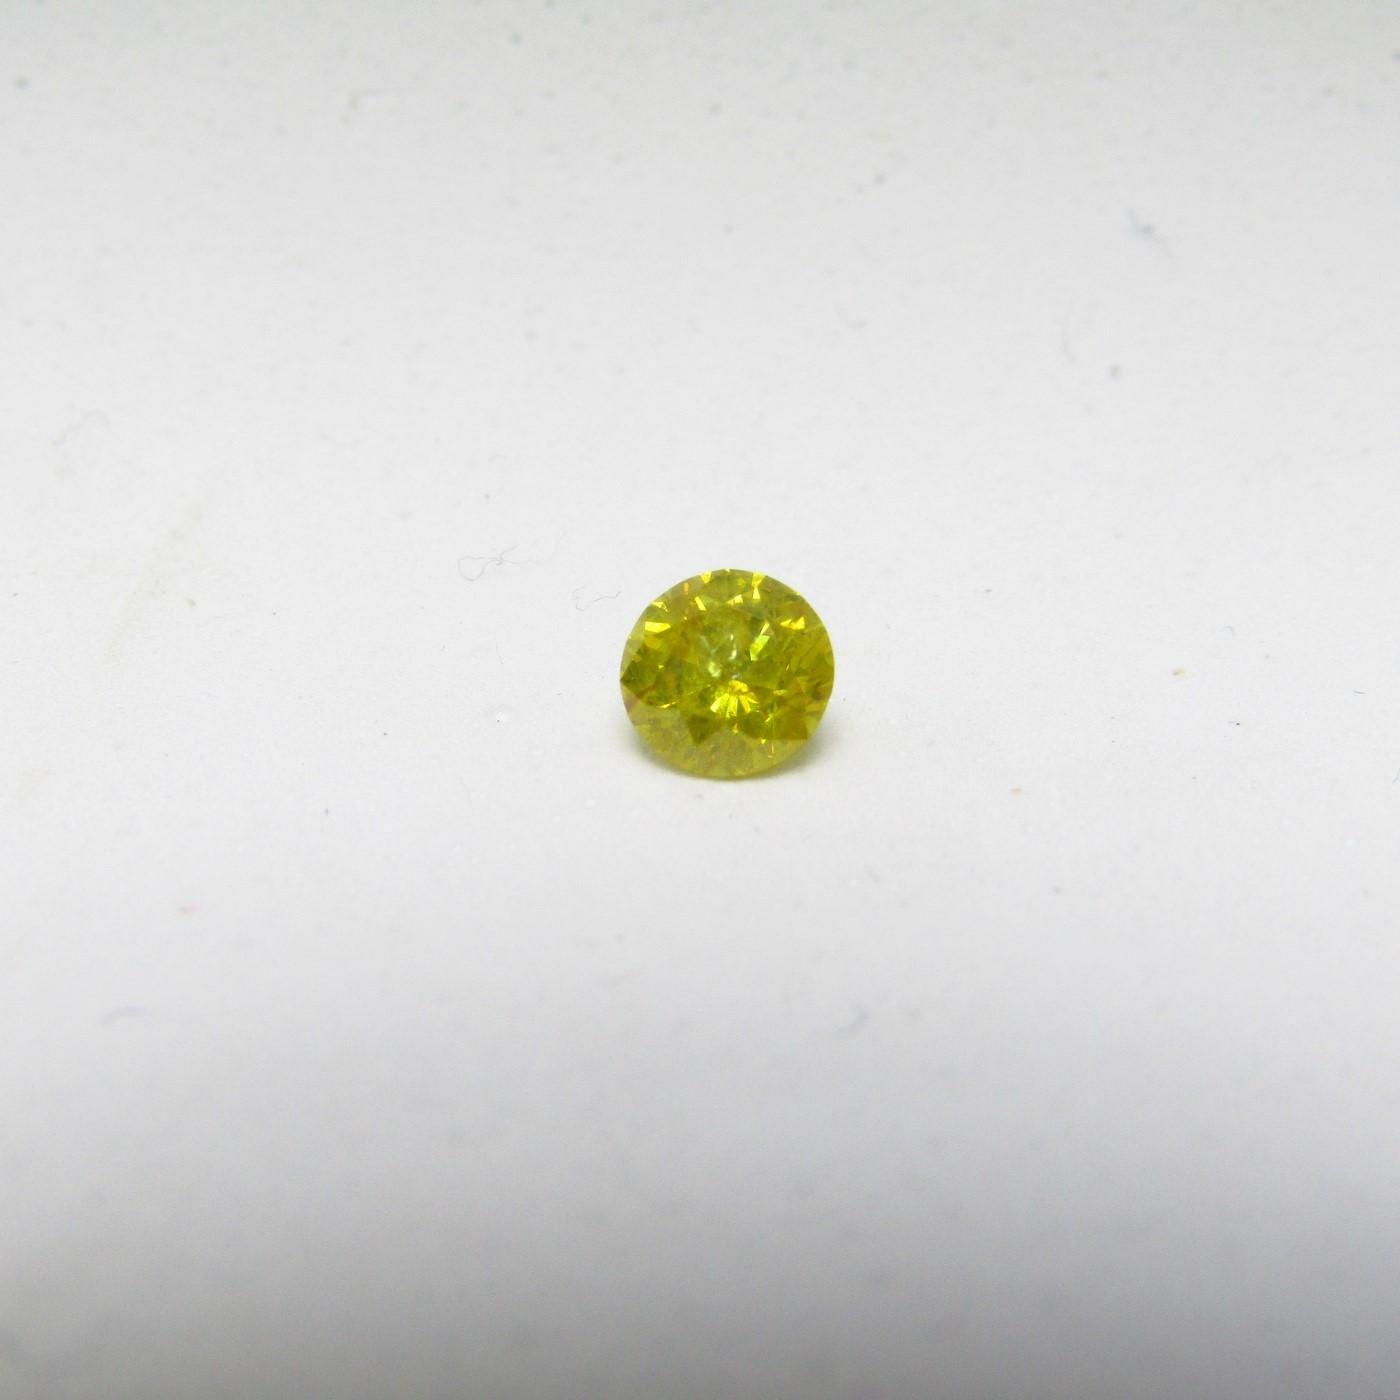 Diamante Natural de 0,58 ct. Talla: Brillante. Color: Fancy Canary Yellow. Pureza: P2. Mejorado. Certificado IGR.